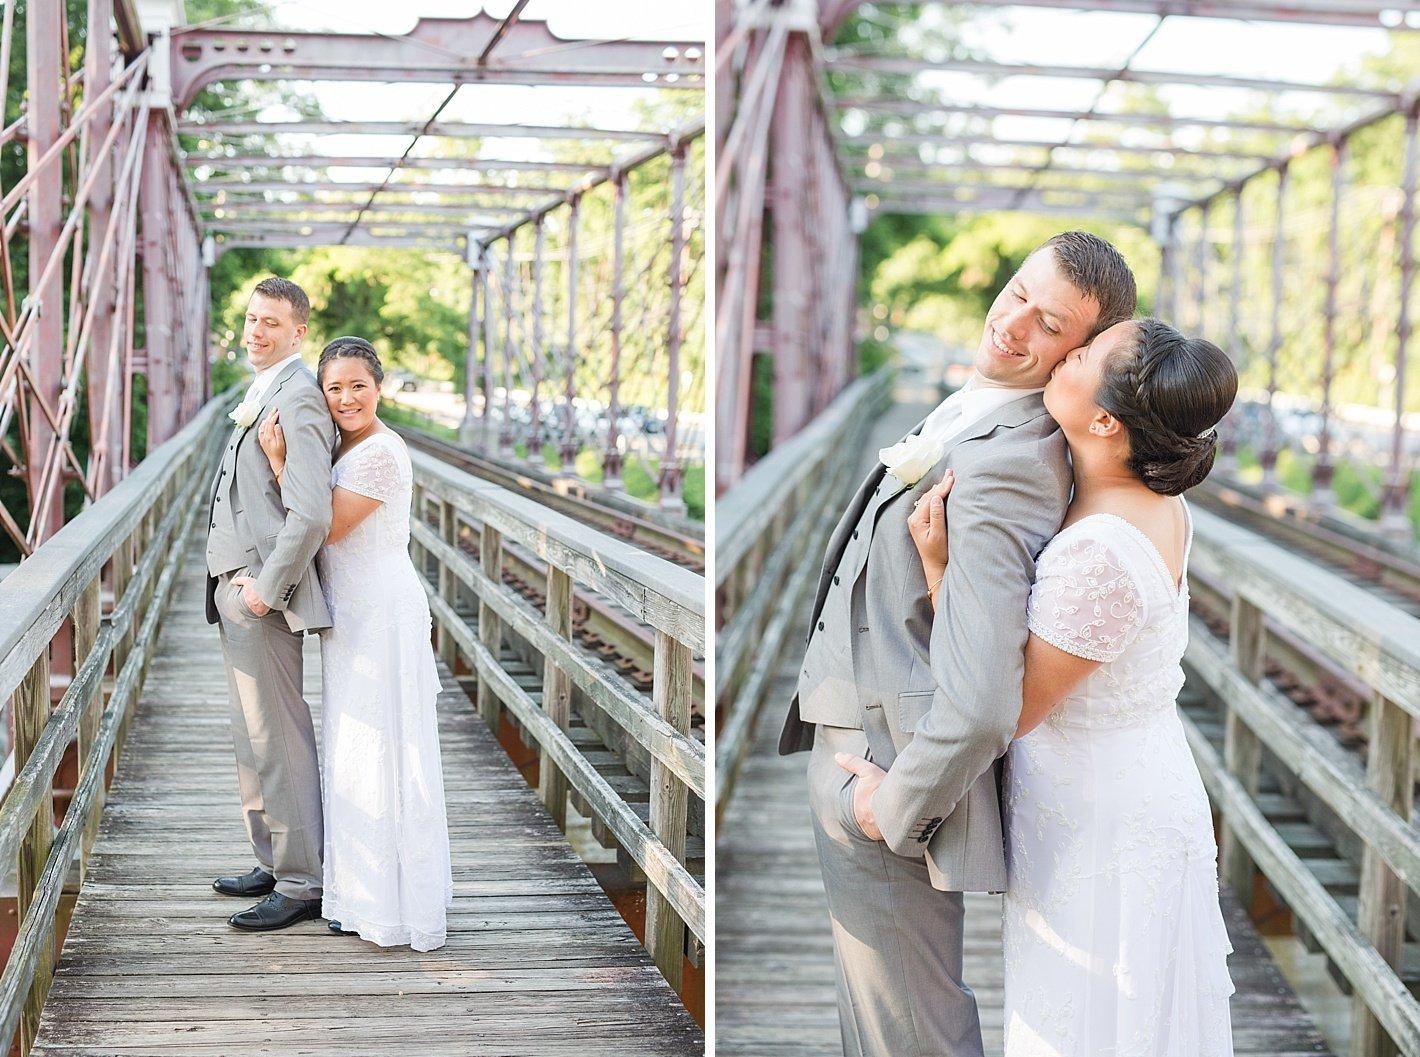 TheGreatRoomatSavageMillweddinghowardcountyweddingphotography-85